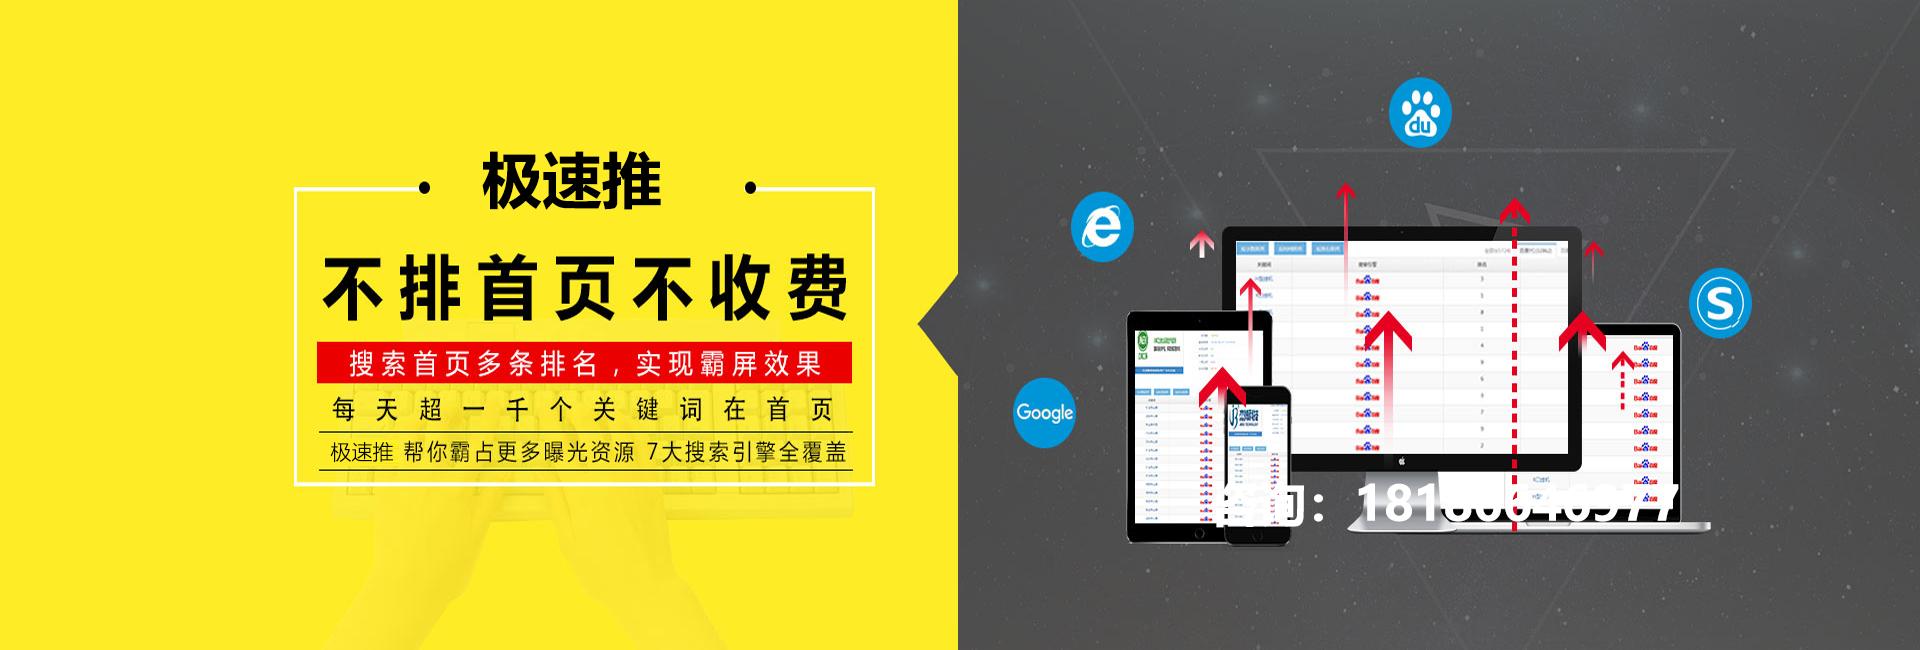 武汉网站建设推广